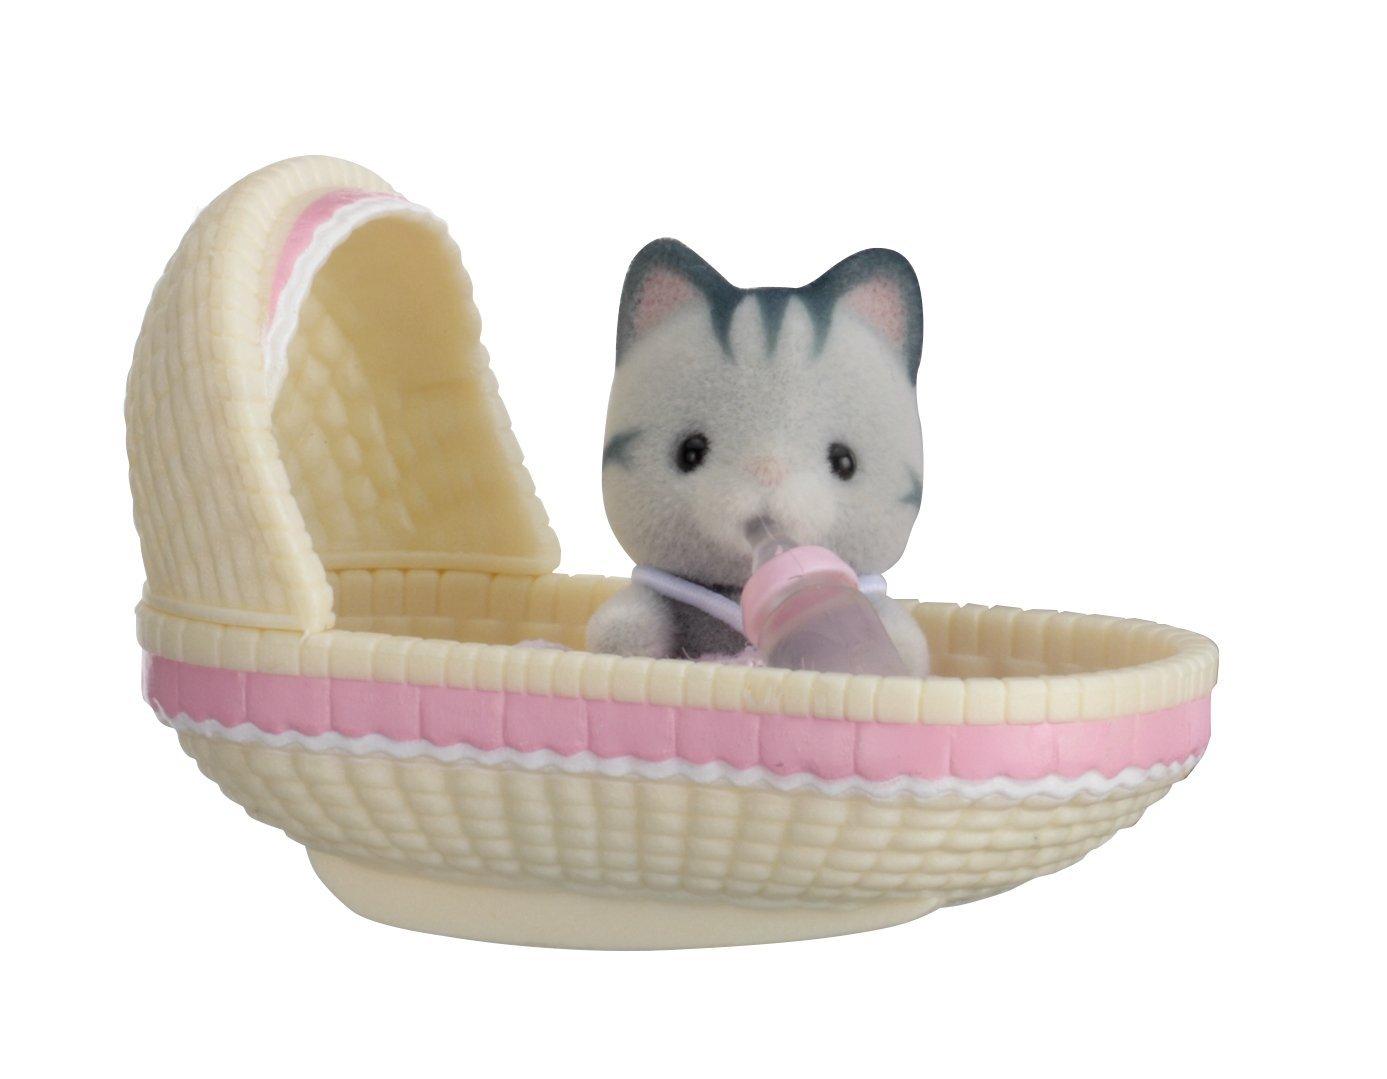 Набор Младенец в пластиковом сундучке - Котенок в люлькеСемьи и малыши<br>Набор Младенец в пластиковом сундучке - Котенок в люльке<br>